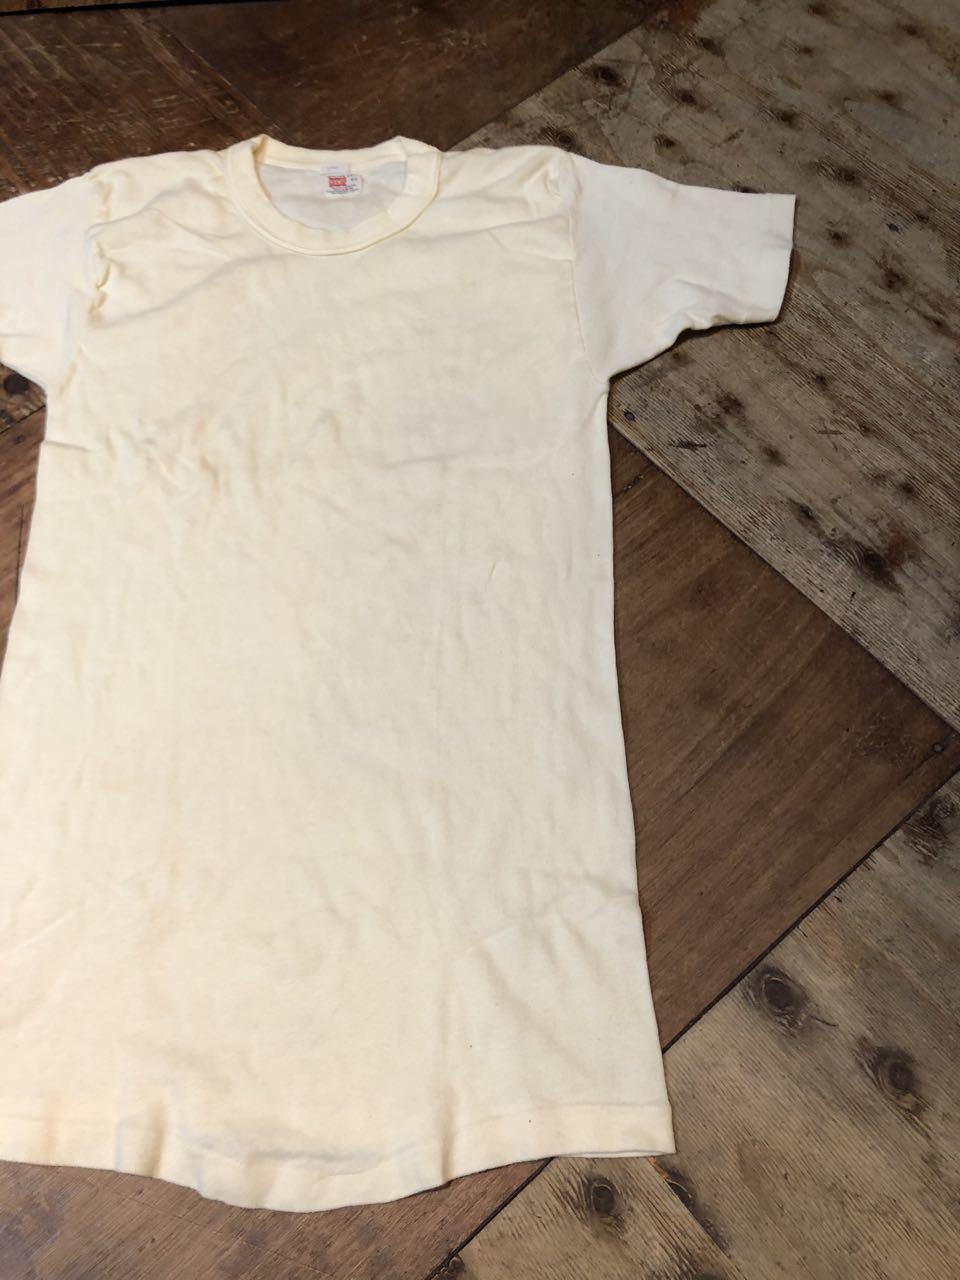 7月25日(土)入荷! 40〜50s all cotton HANES ヘインズ Tシャツ!_c0144020_12550785.jpg